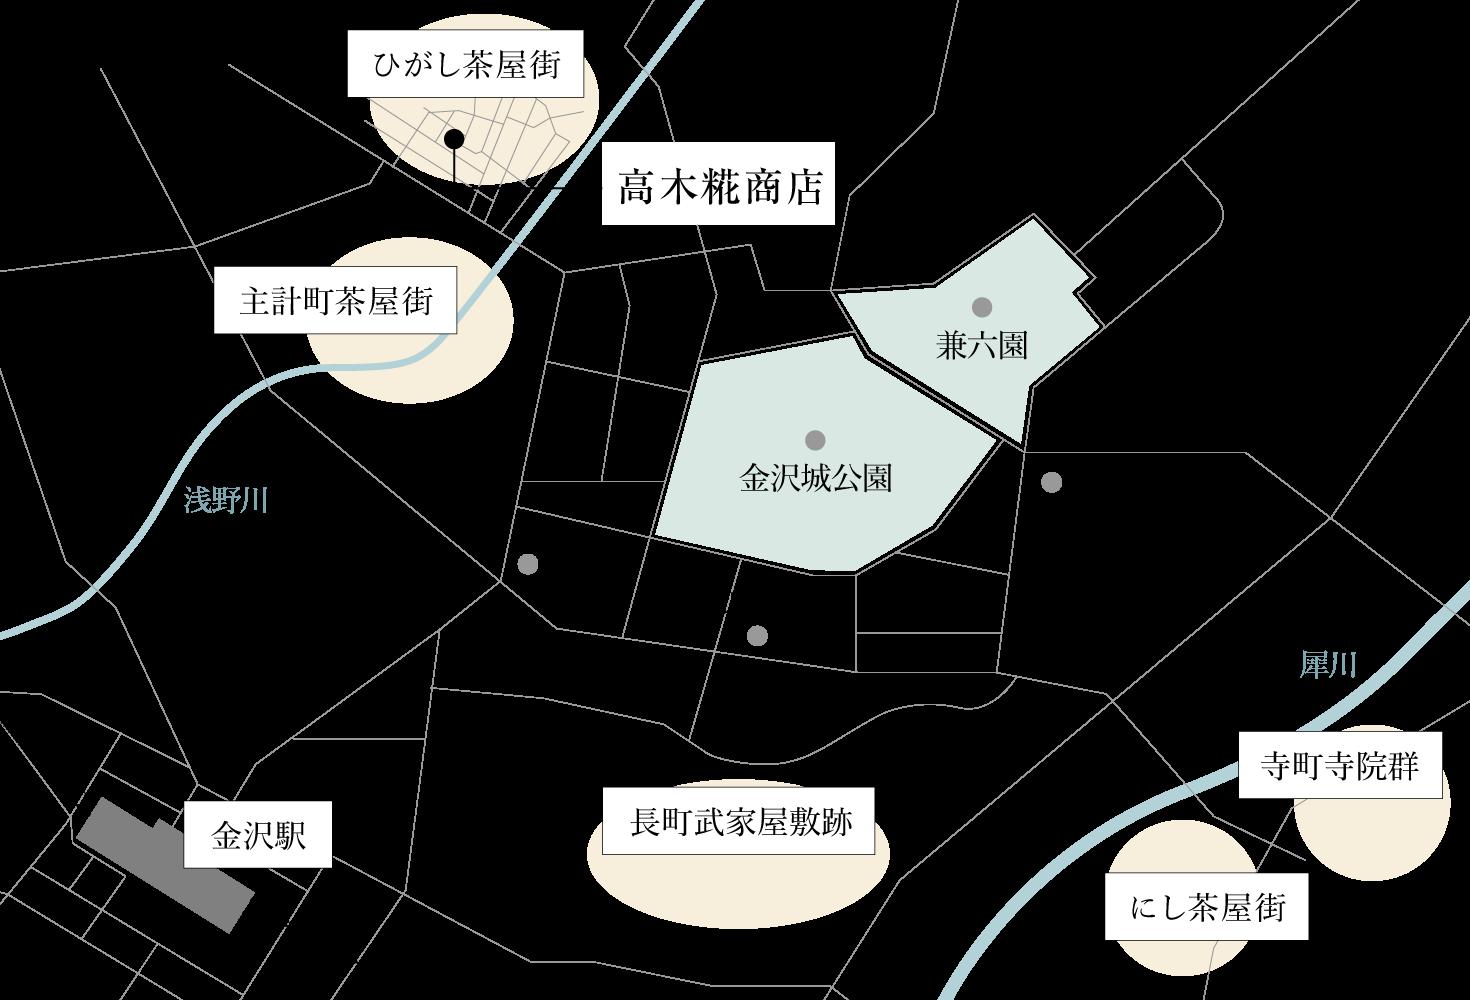 金沢市近郊地図